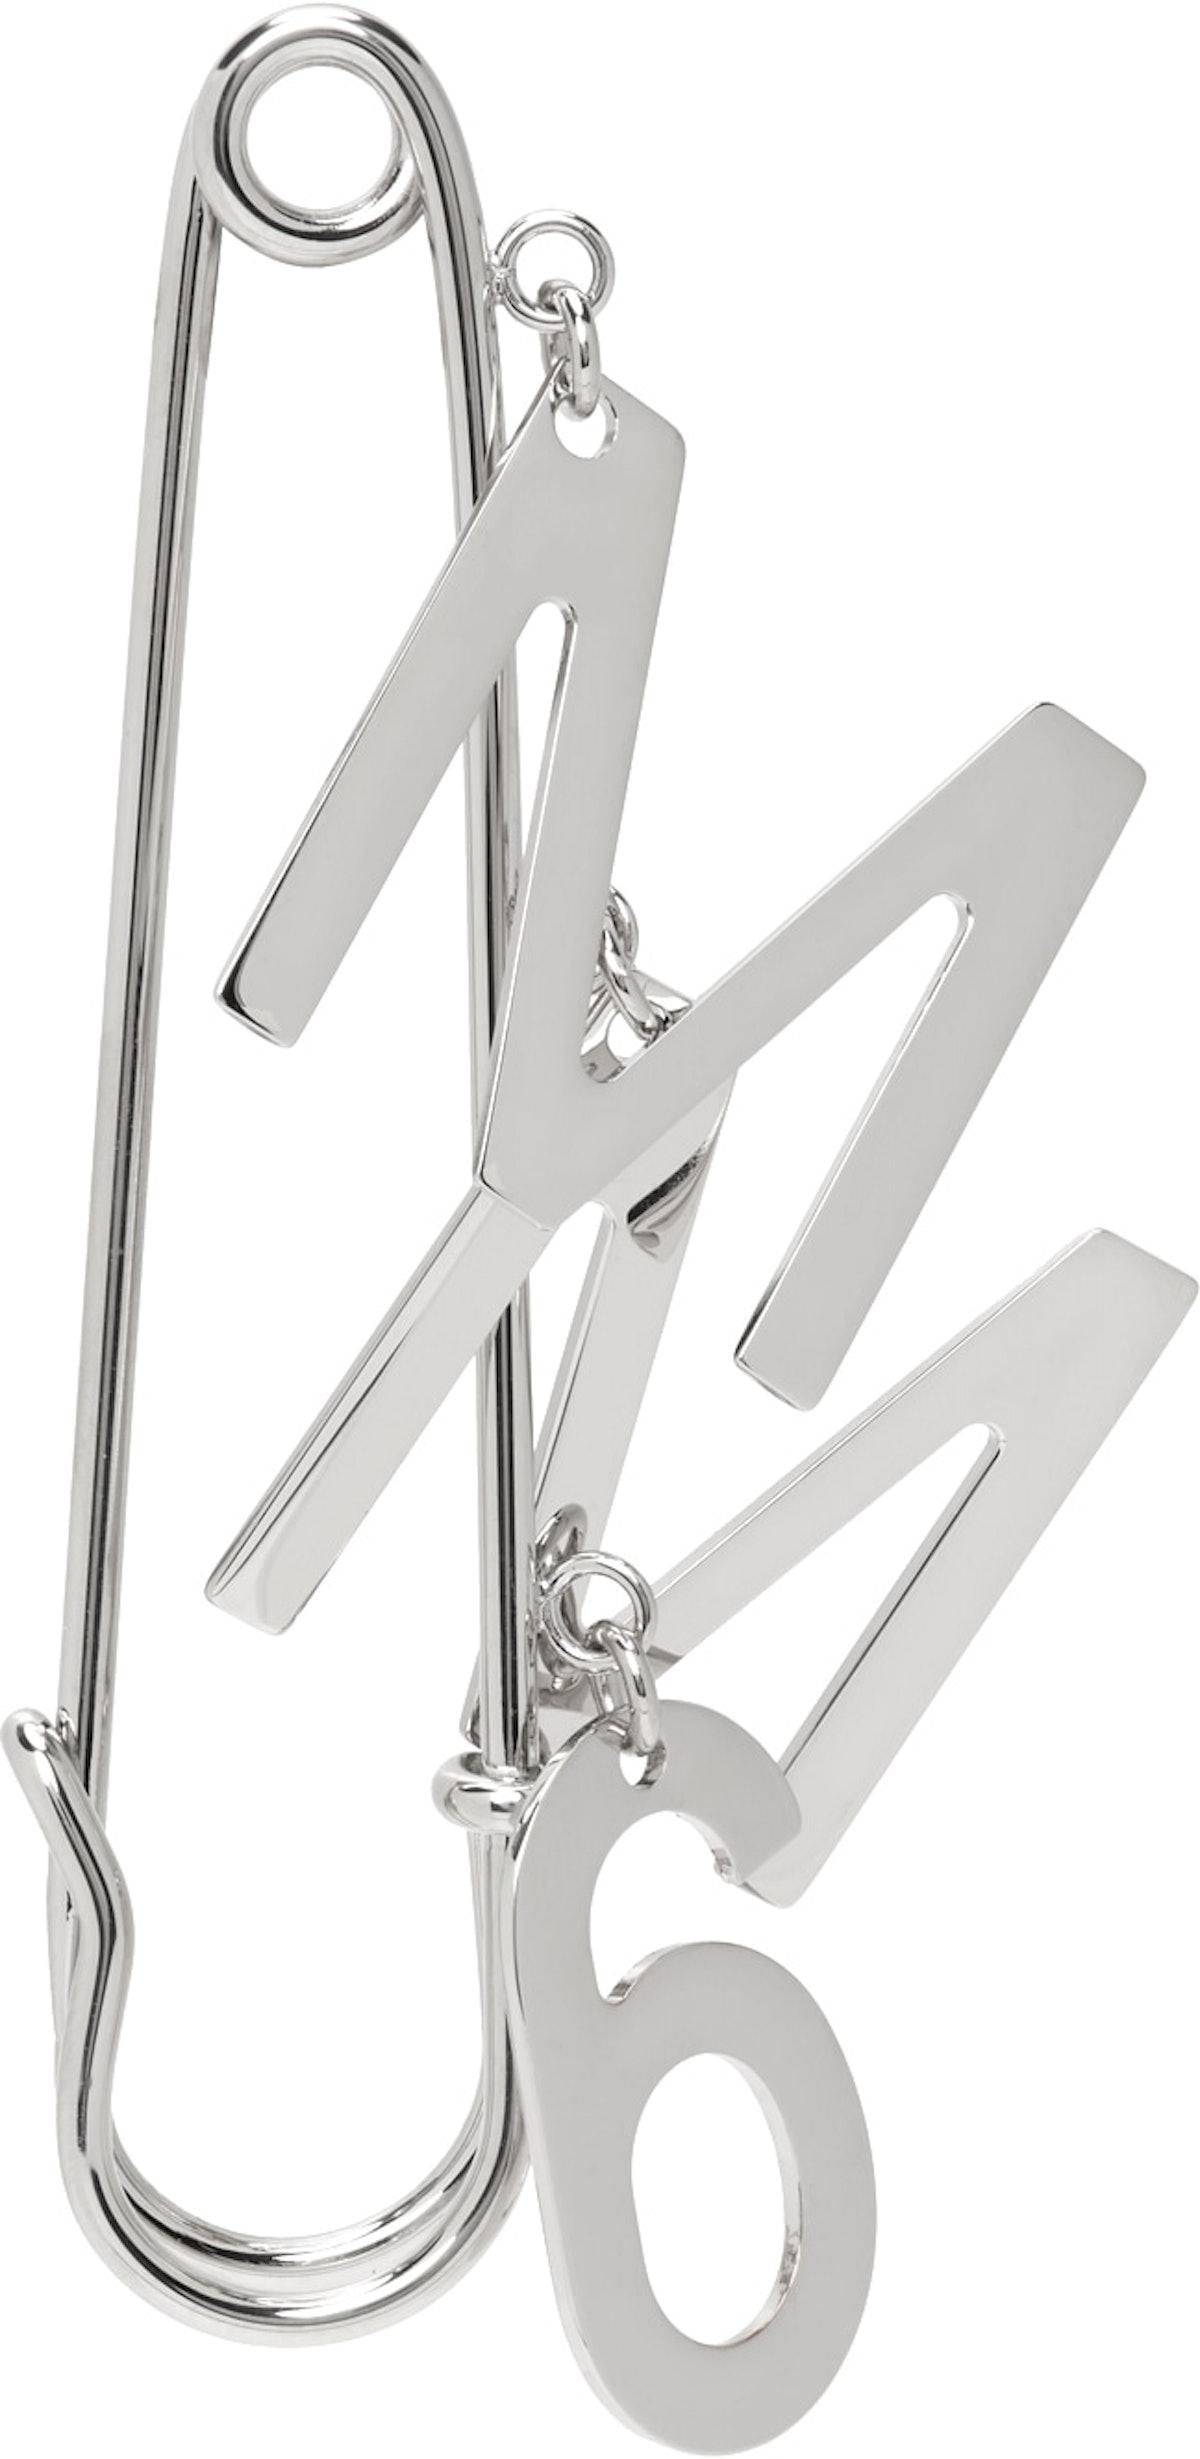 Silver Logo Brooch Single Earring from MM6 Maison Margiela.